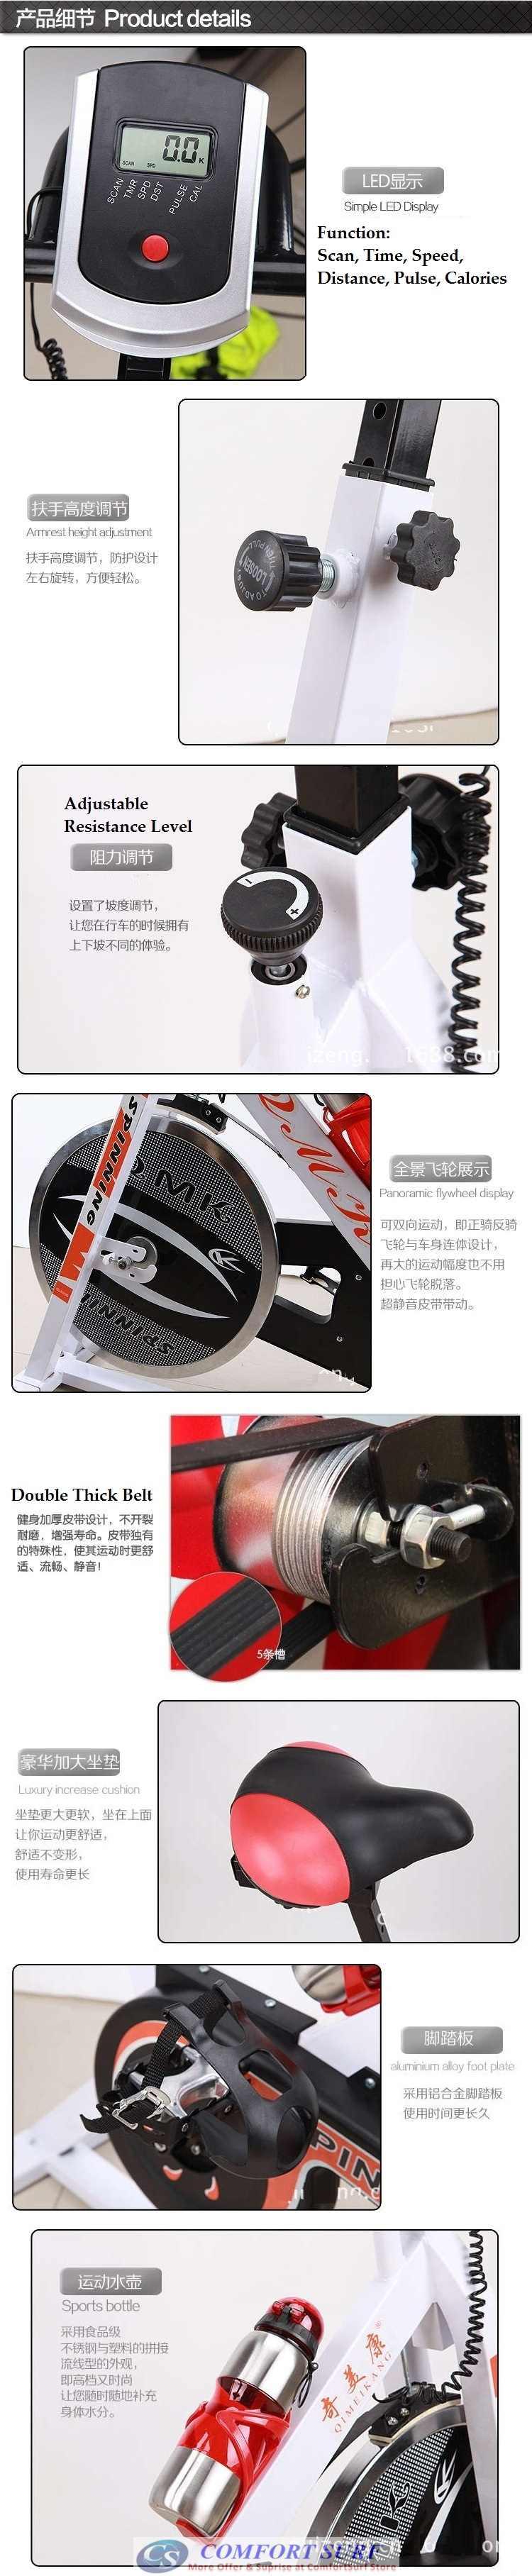 v fit exercise bike instruction manual